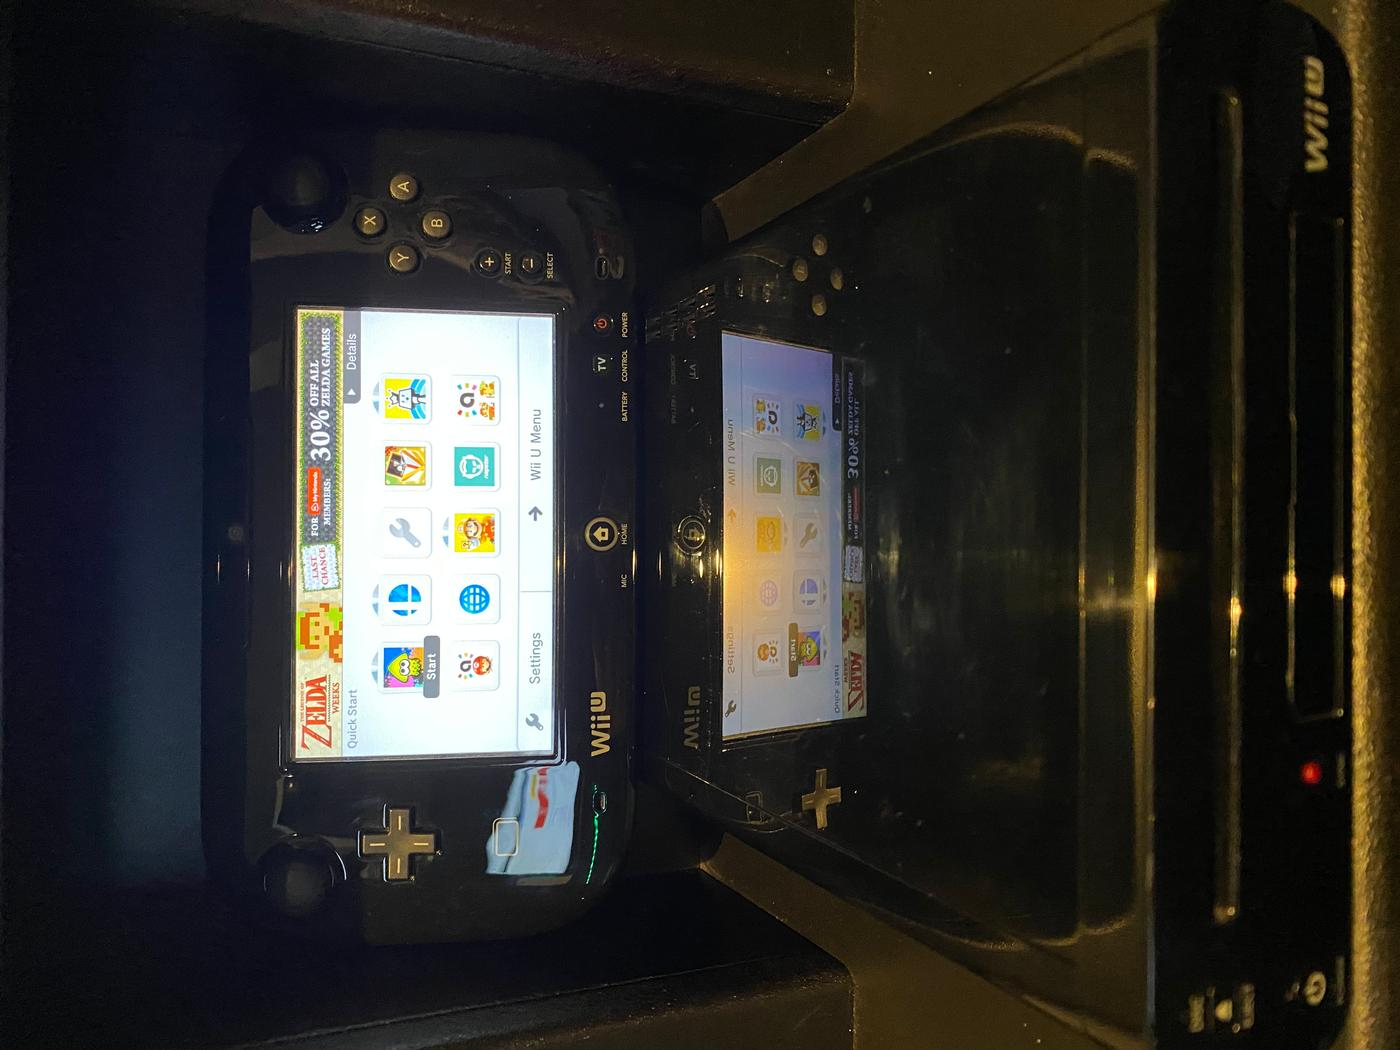 Premium Black Wii U